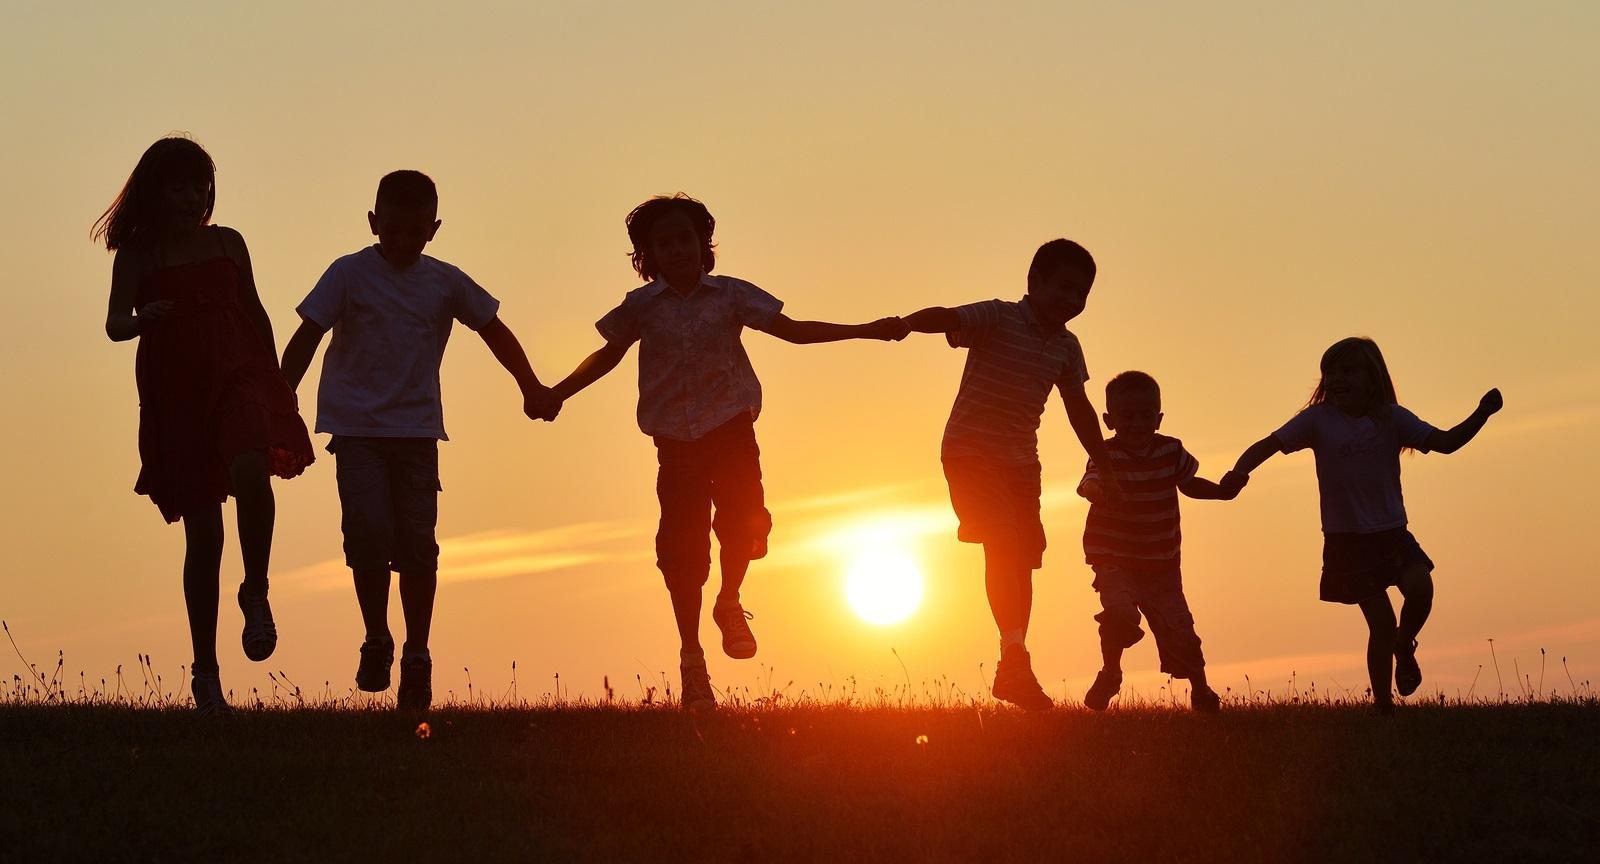 All'inizio i bambini non godevano di diritti fondamentali ma grazie a Darwin oggi possiamo festeggiarli